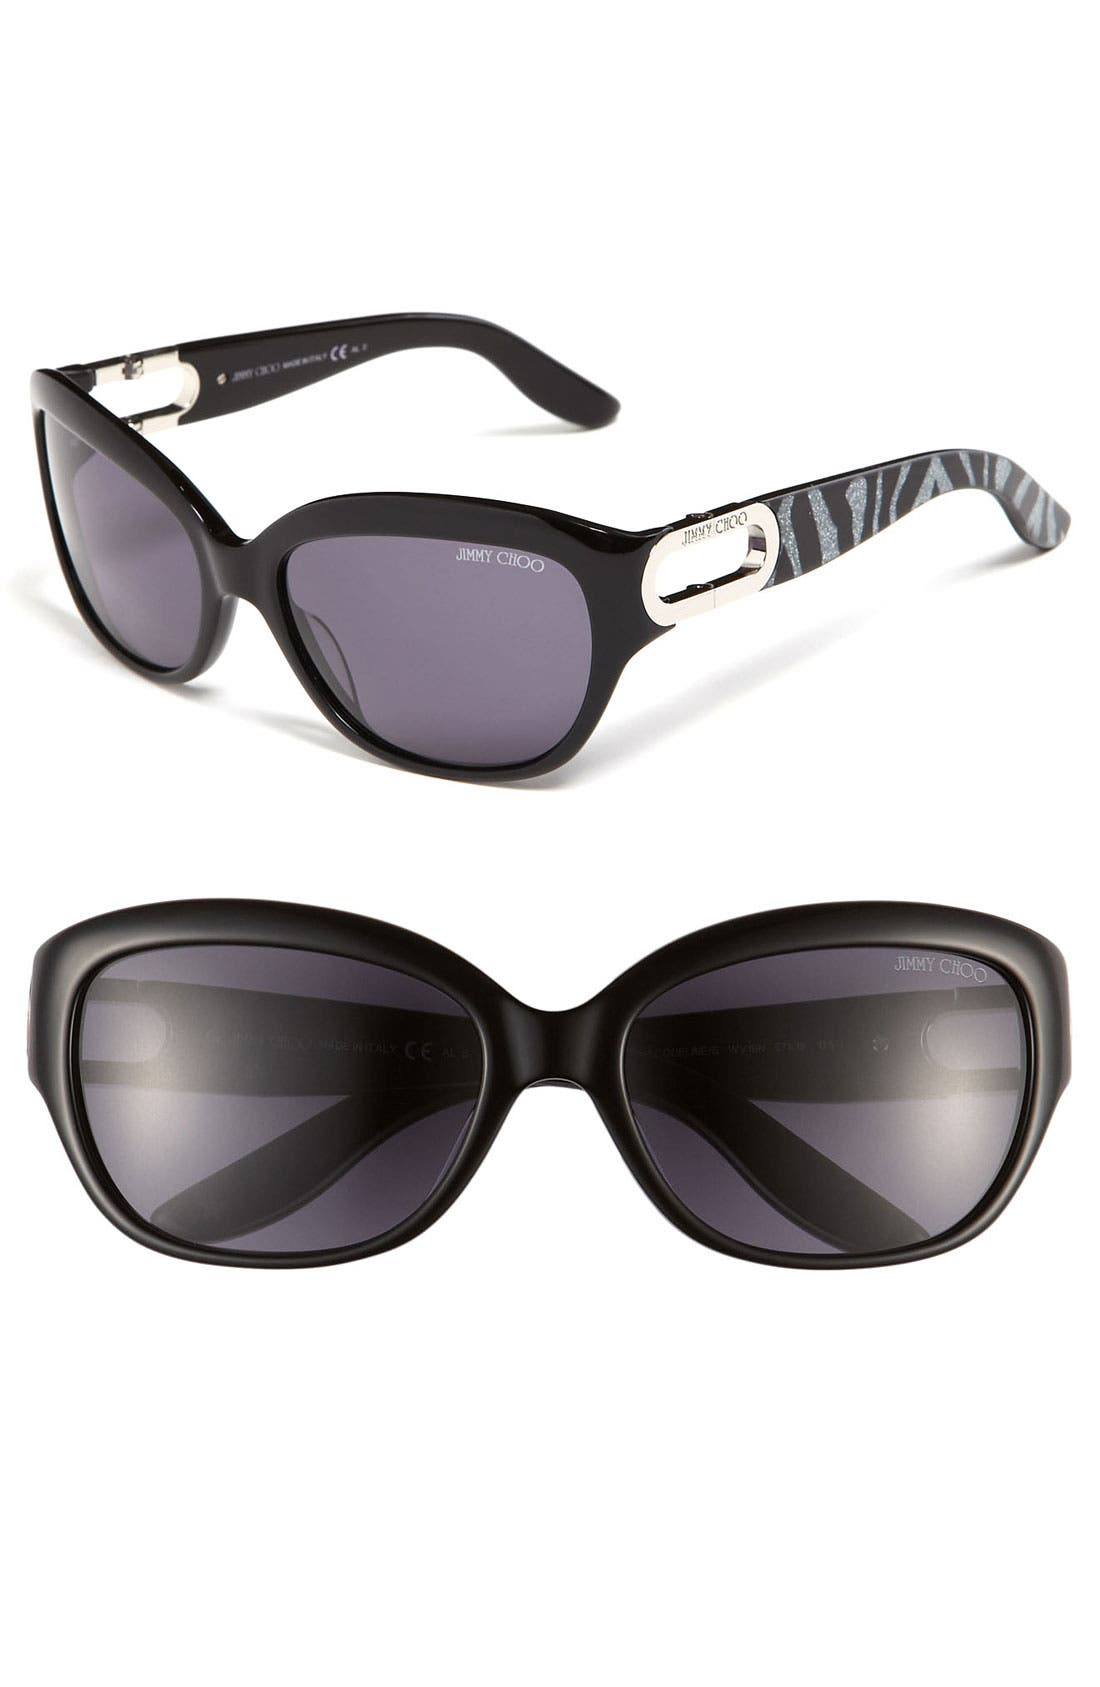 Main Image - Jimmy Choo 'Jaqueline' 57mm Cat's Eye Sunglasses